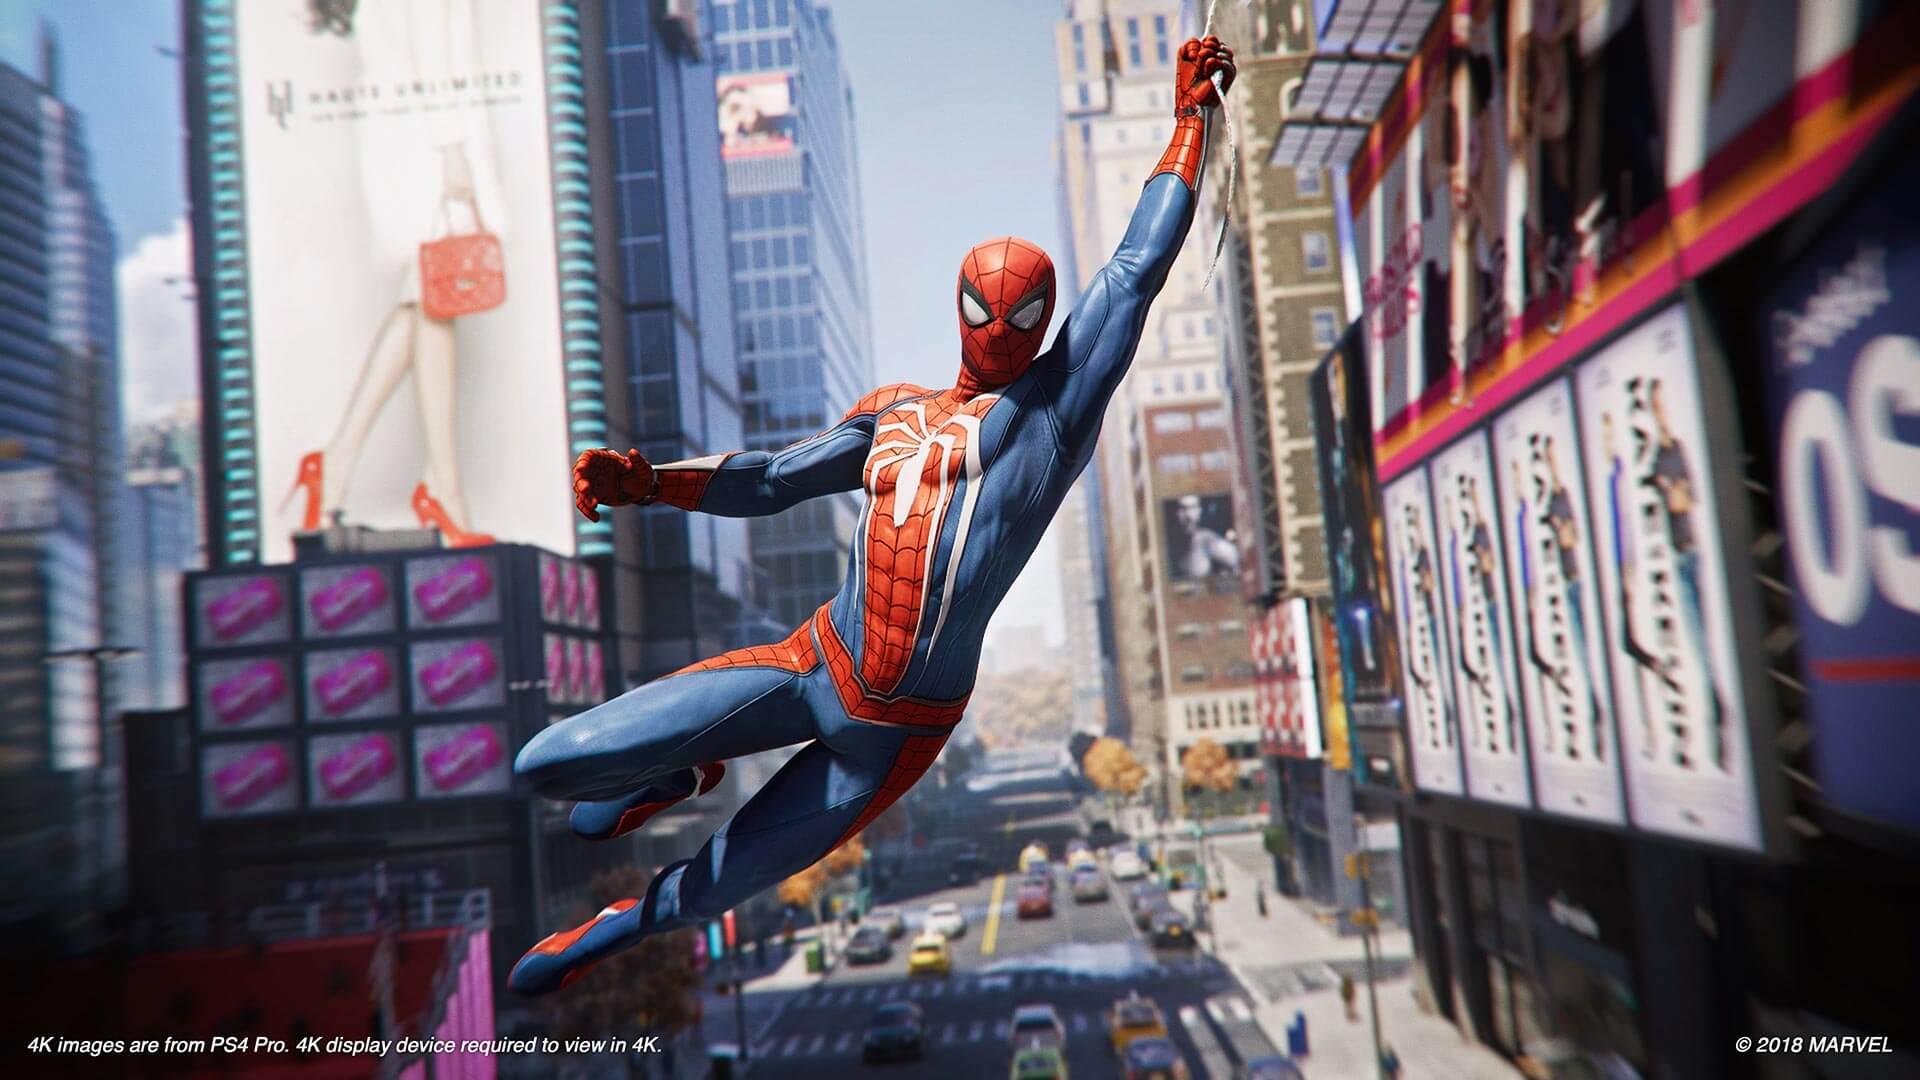 spider man - Confira todos os lançamentos de games marcados para setembro de 2018